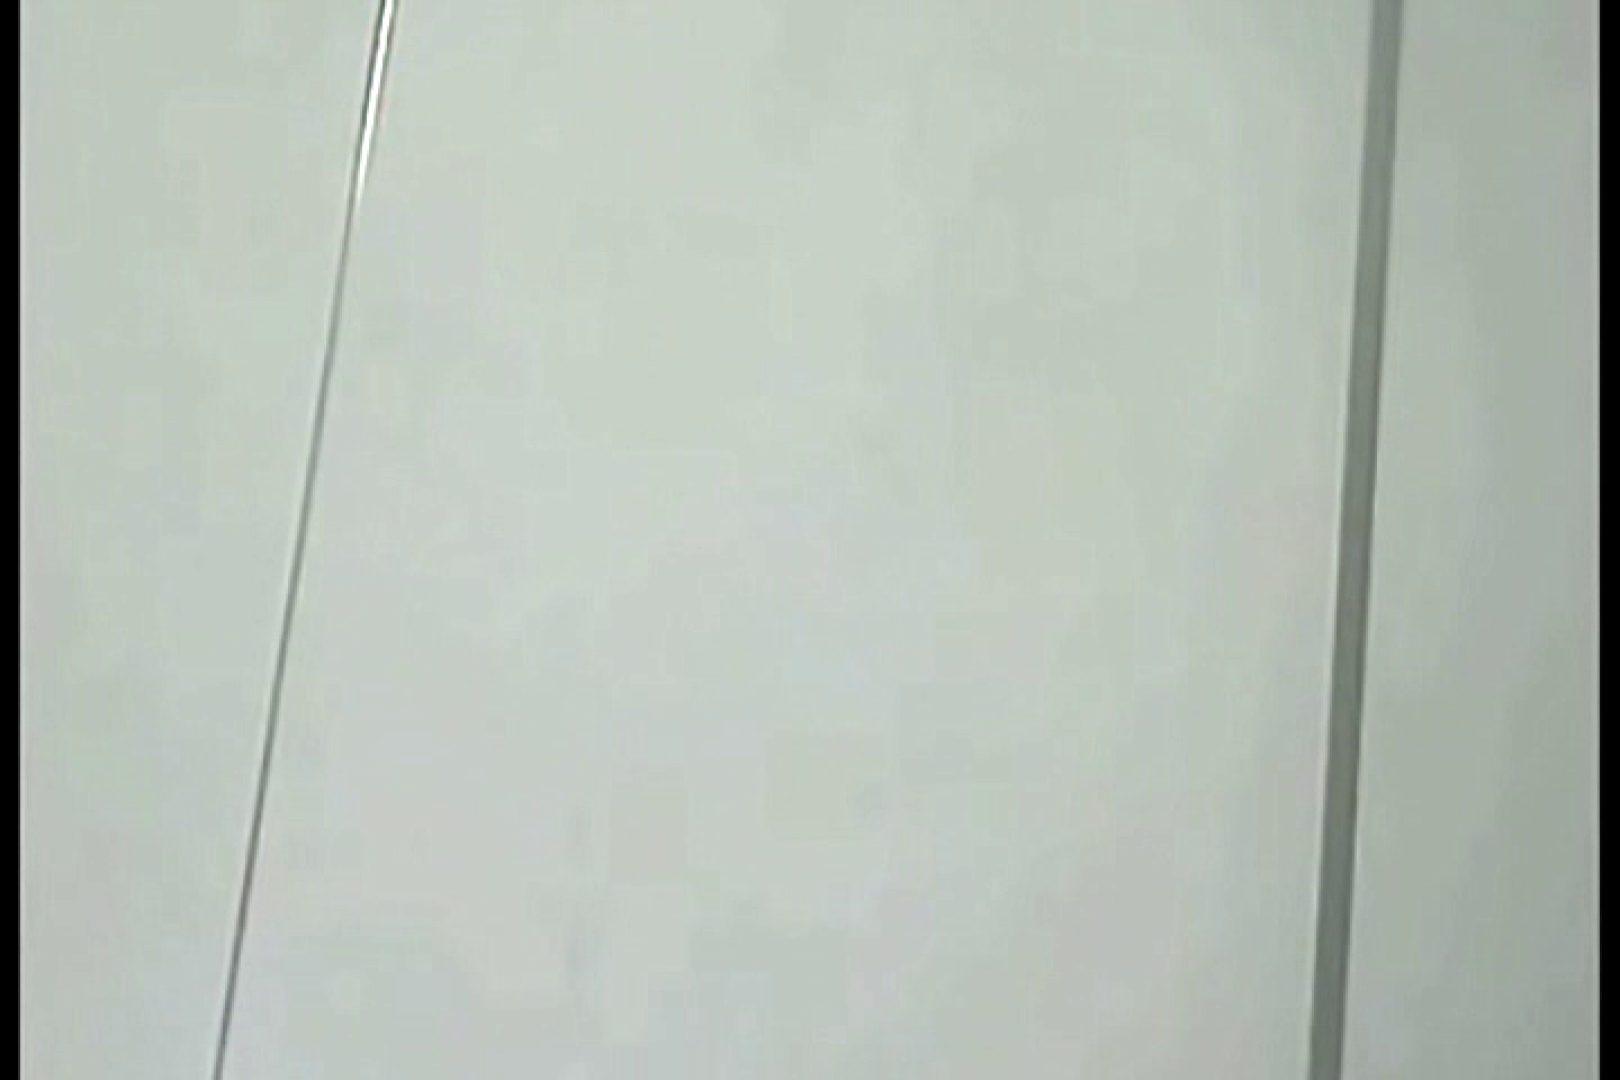 ぼっとん洗面所スペシャルVol.10 美女OL オマンコ動画キャプチャ 107連発 42